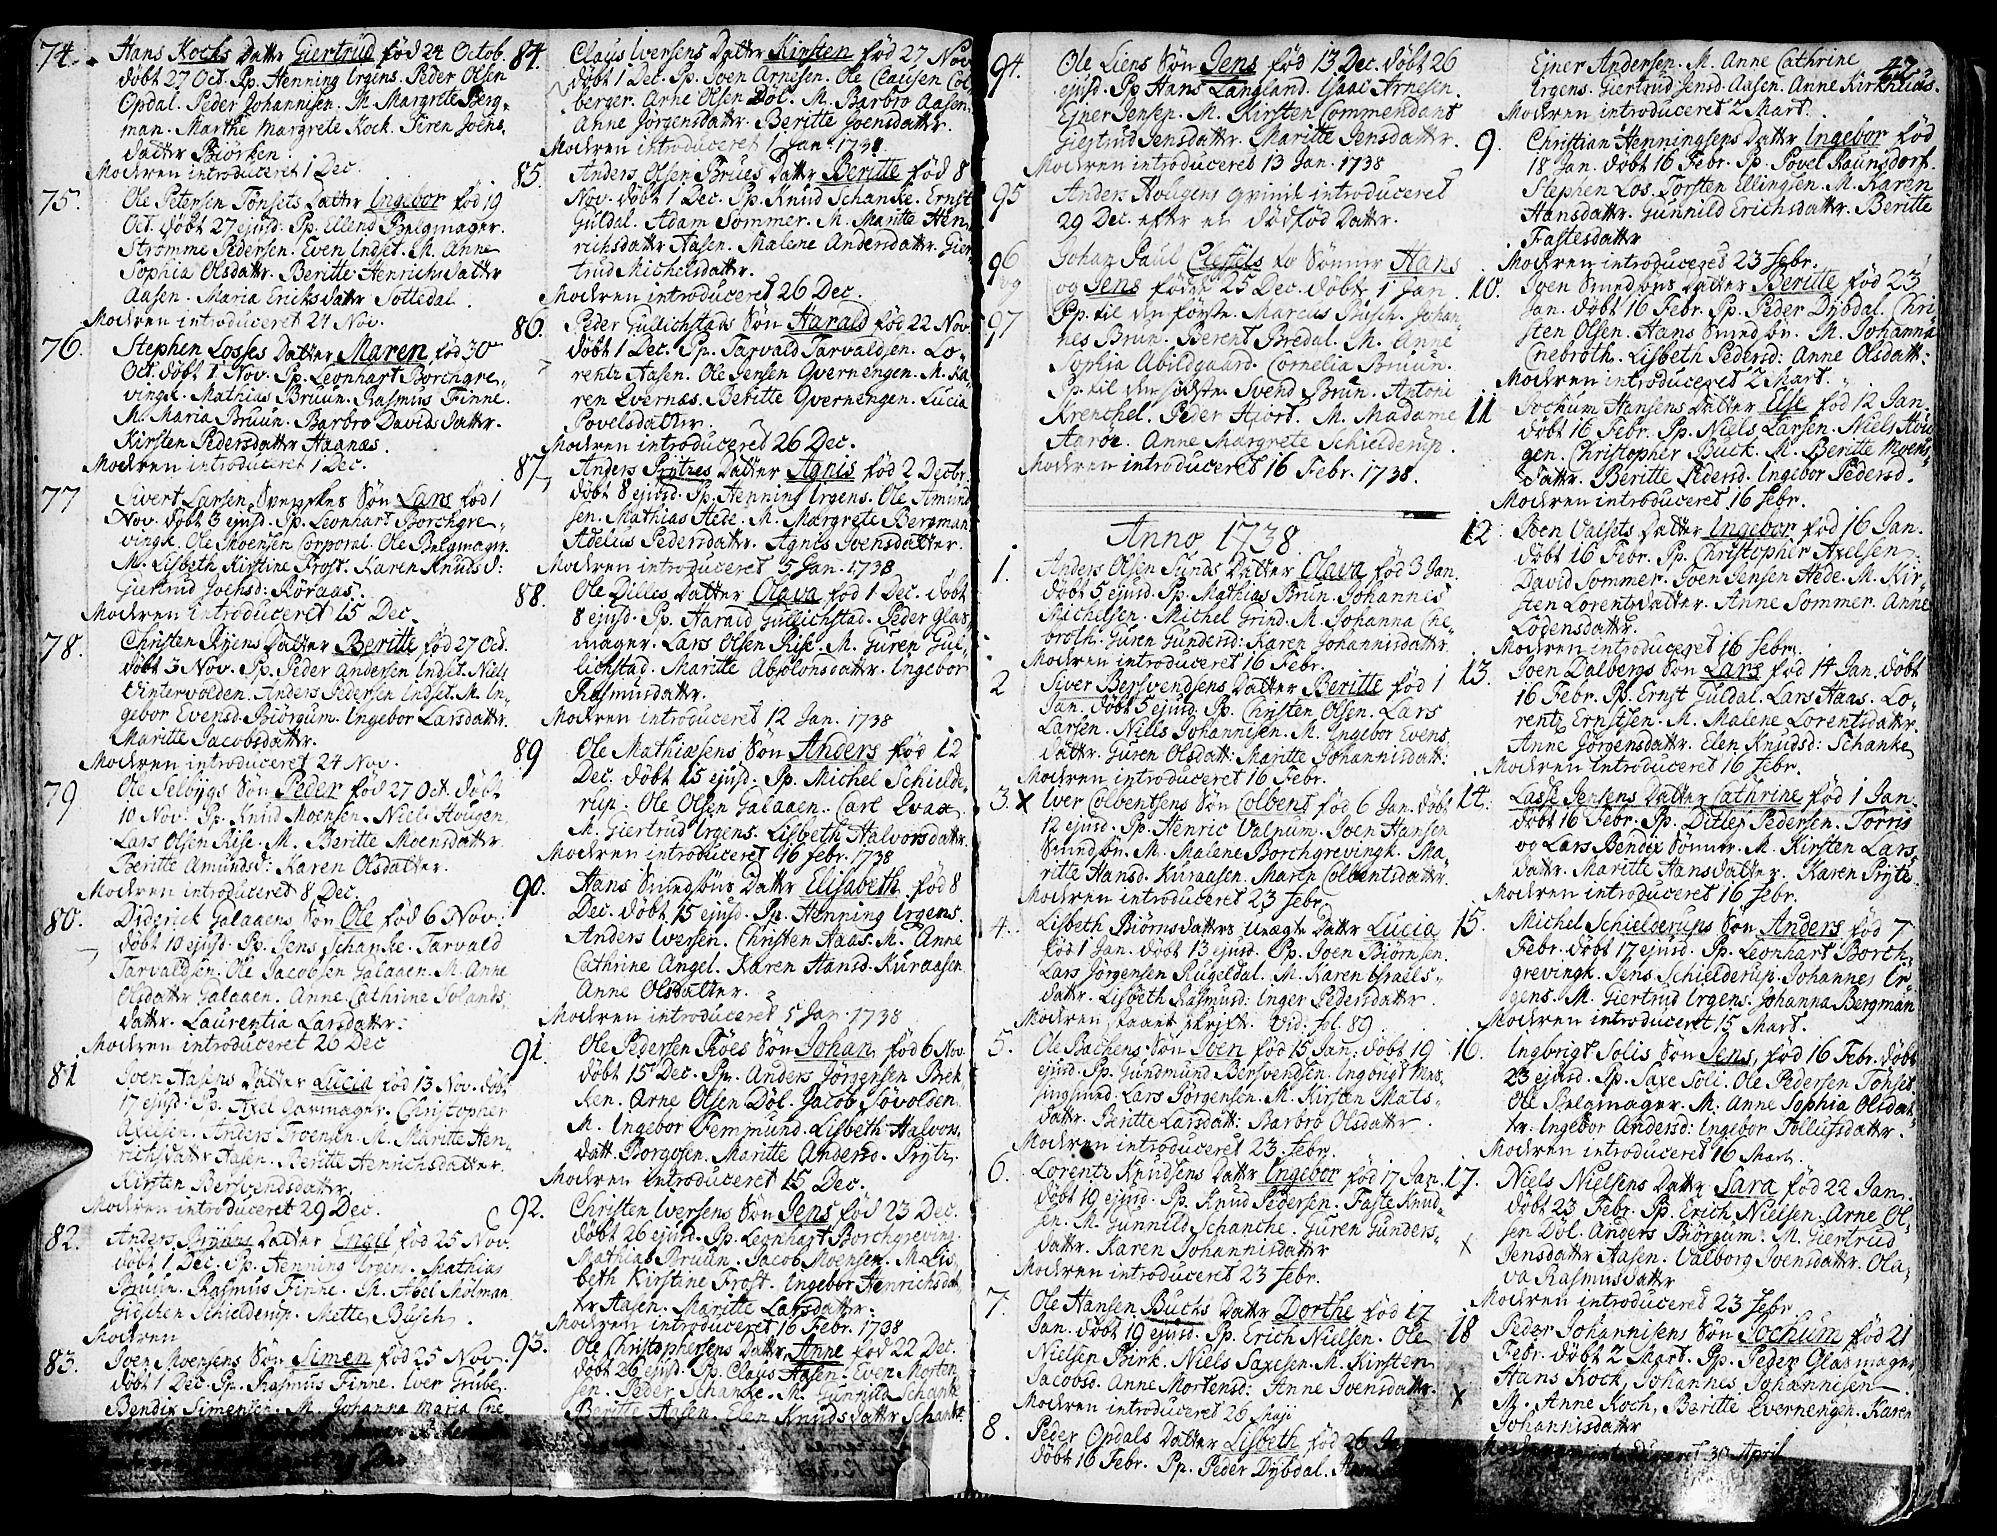 SAT, Ministerialprotokoller, klokkerbøker og fødselsregistre - Sør-Trøndelag, 681/L0925: Ministerialbok nr. 681A03, 1727-1766, s. 42